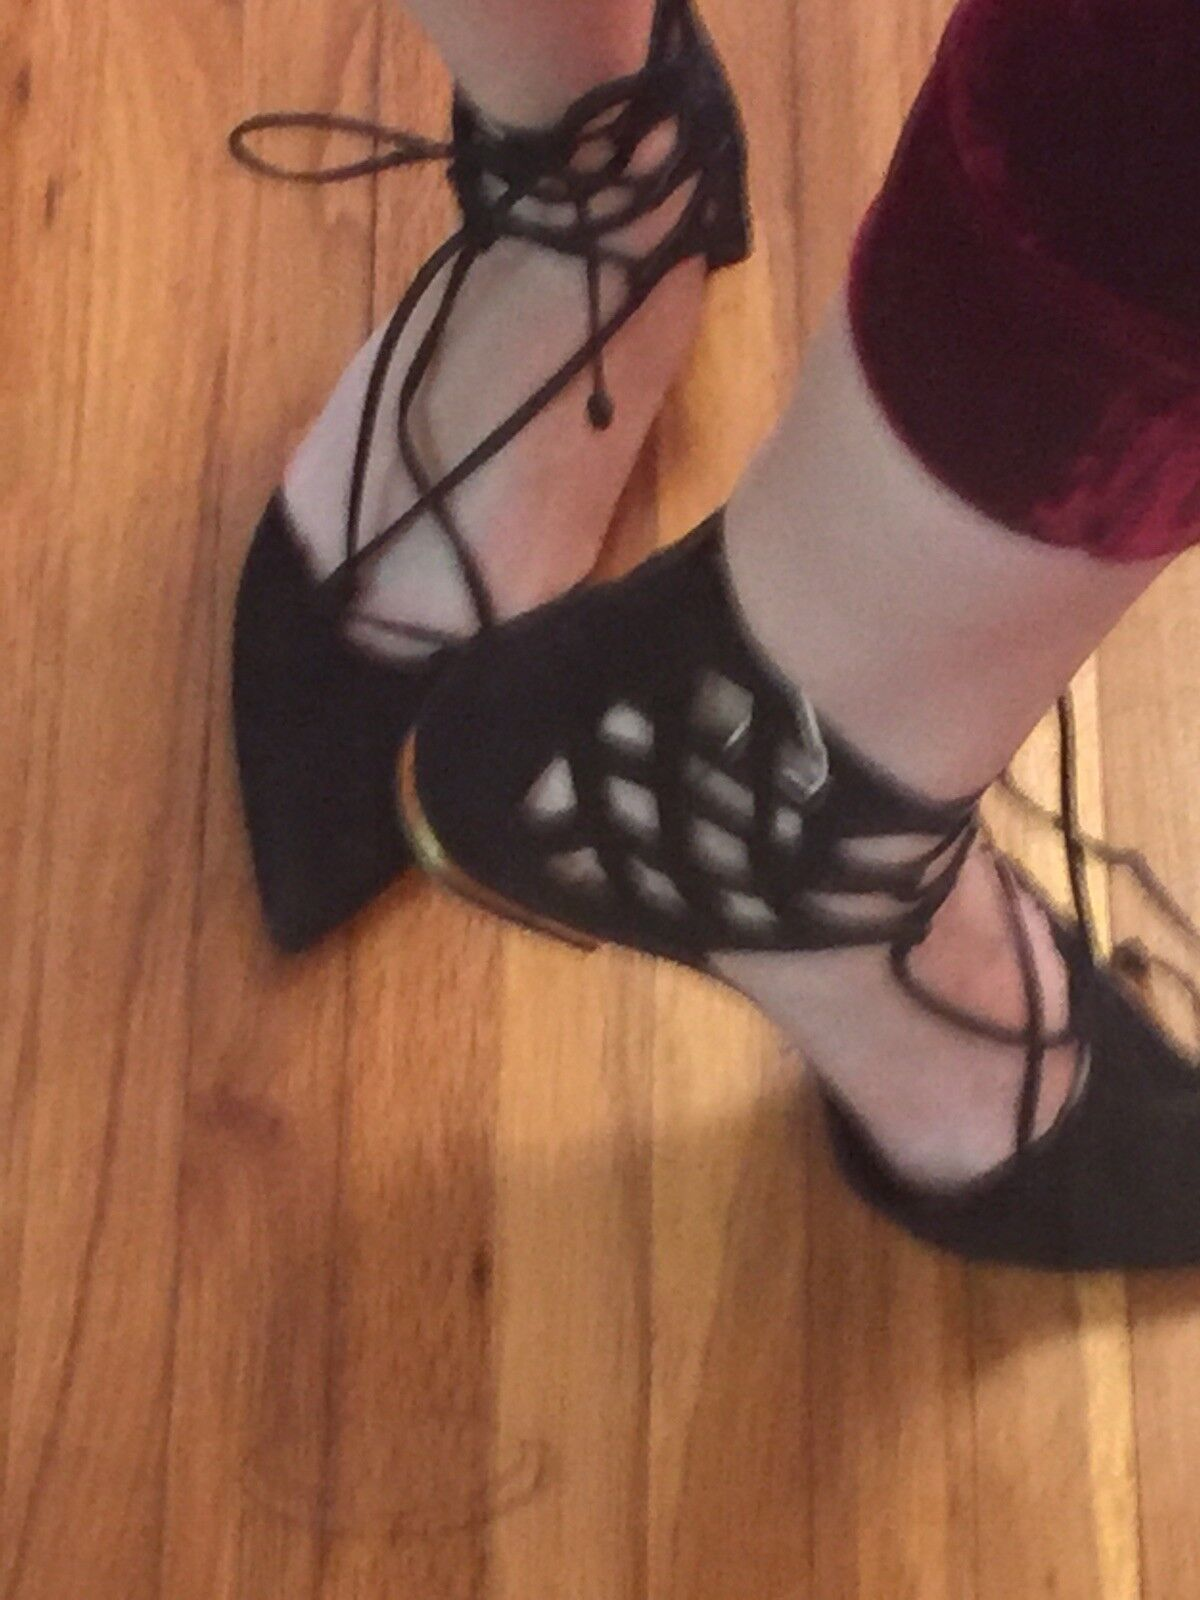 Schutz Schutz Schutz Point-toe Flat Shoes size 38 cb81c2